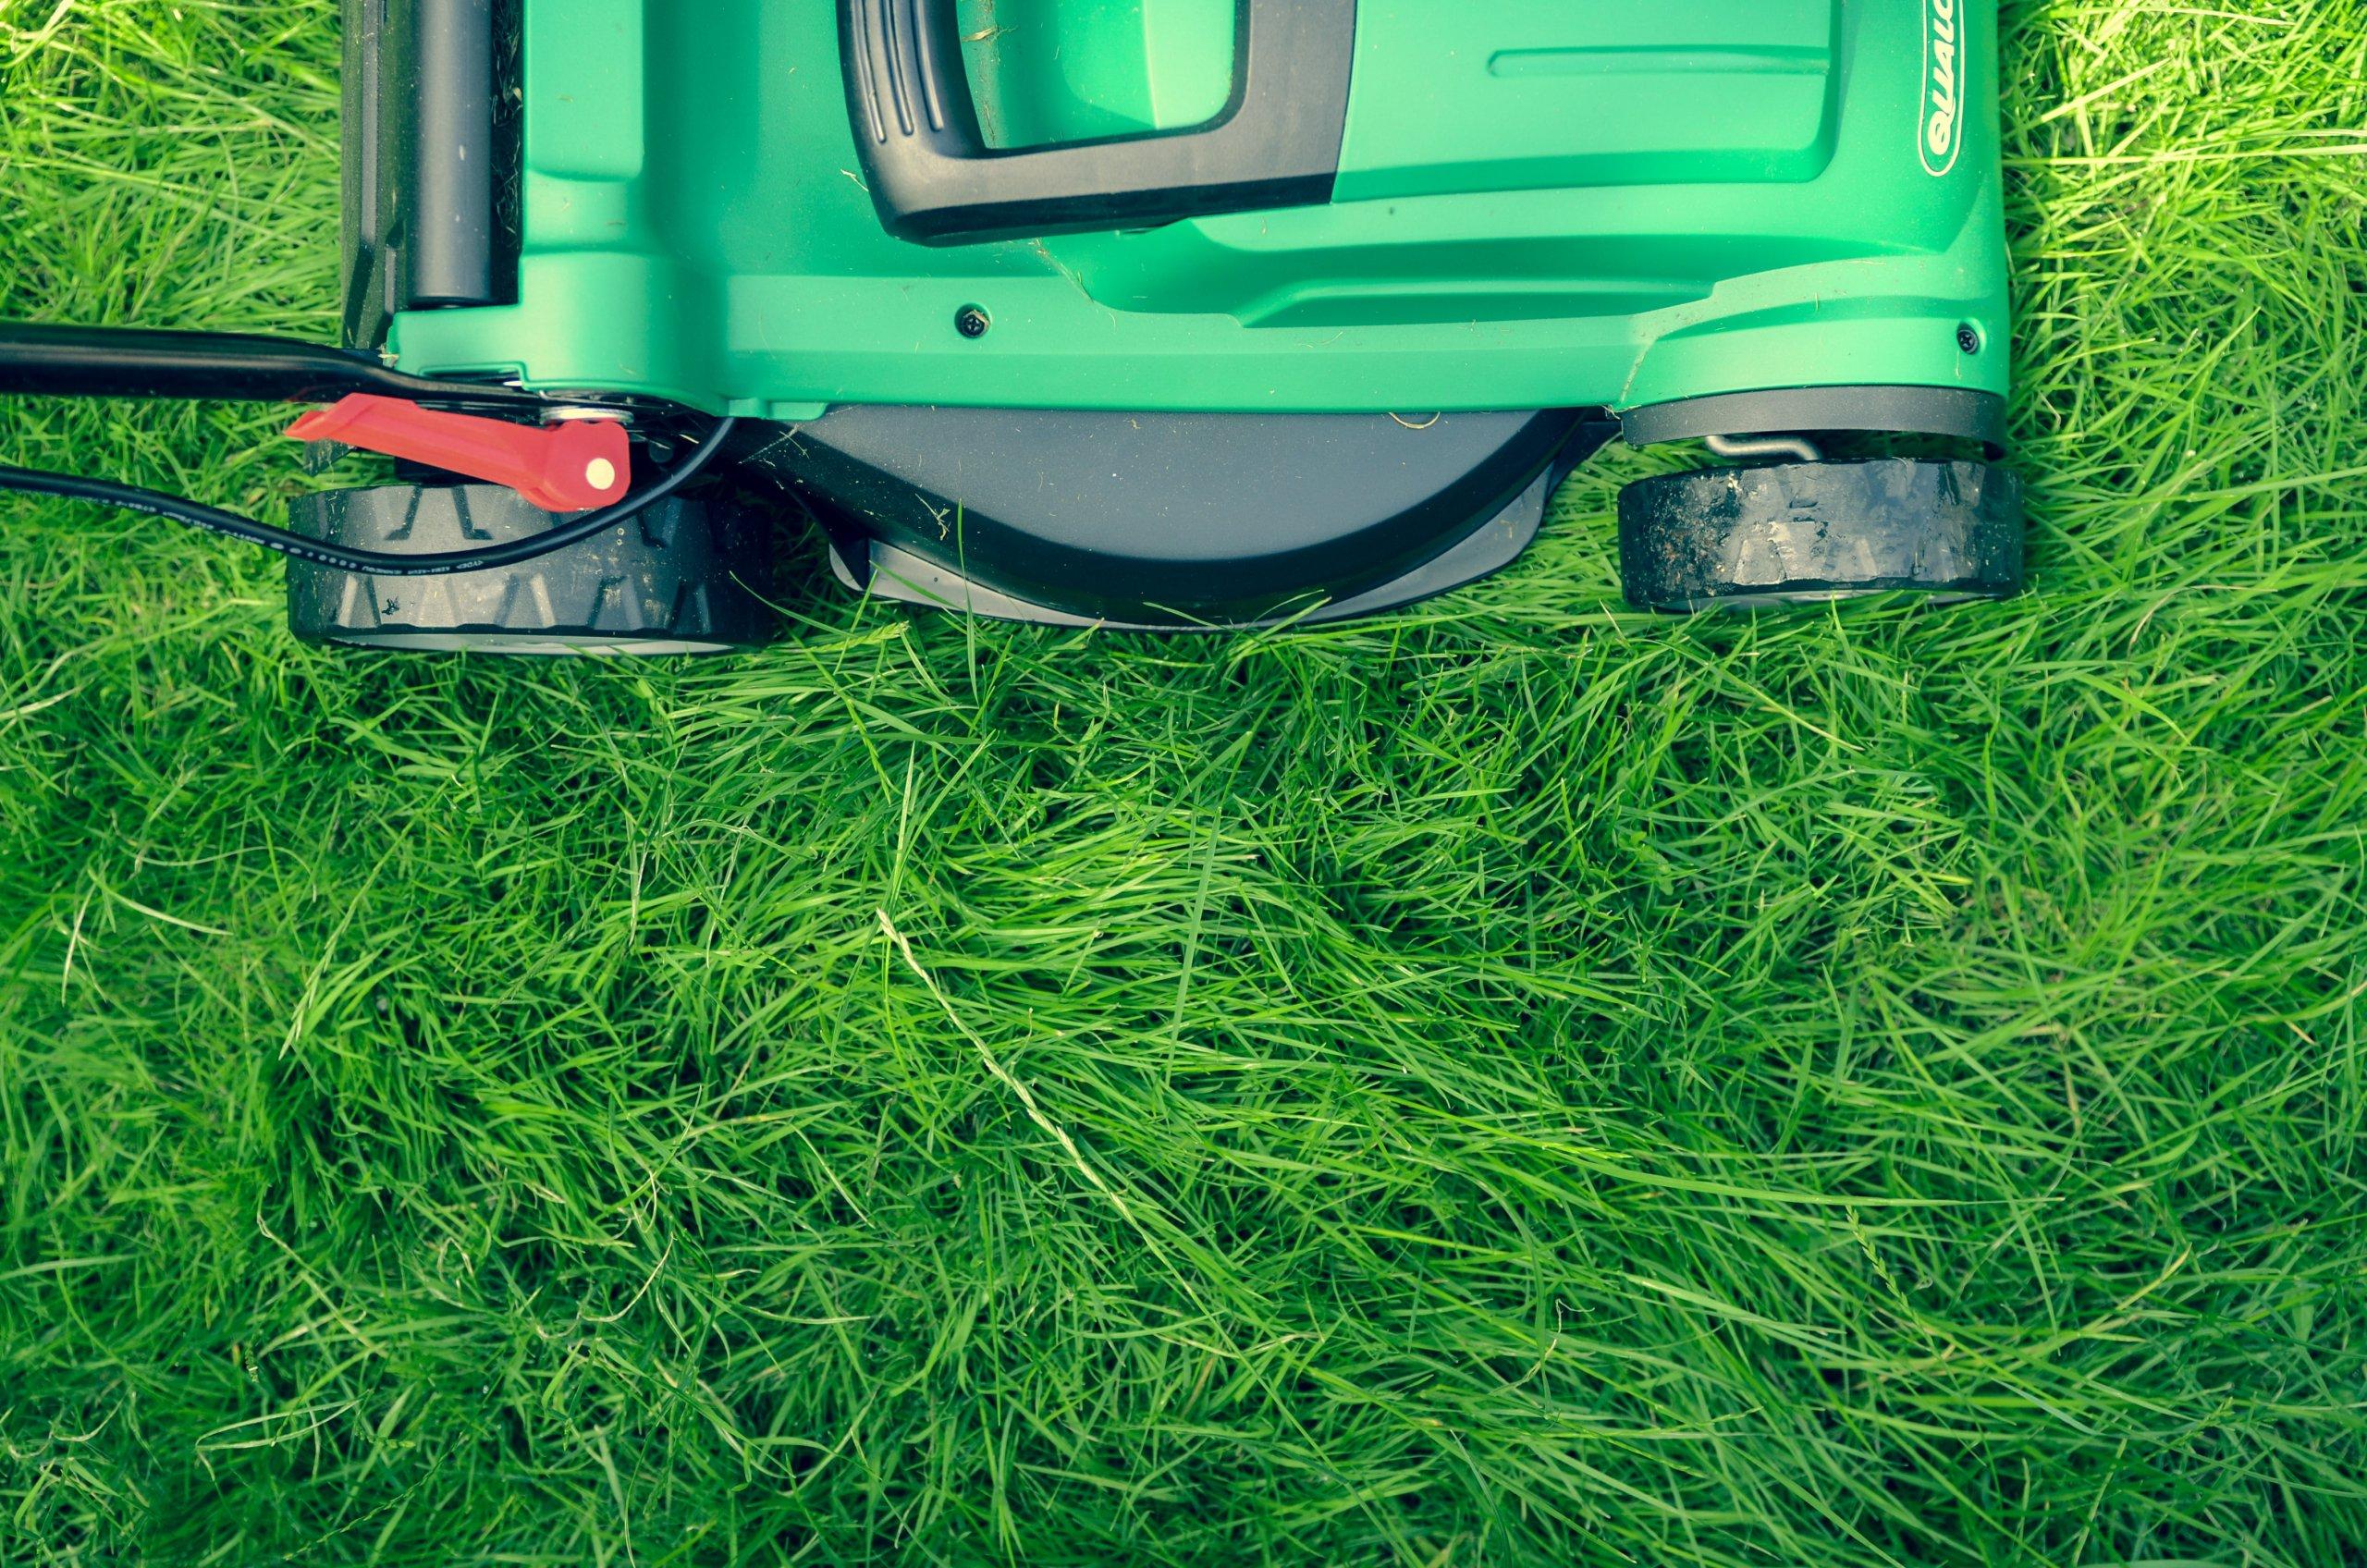 kosenie trávnika predstavuje nebezepčnú aktivitu pre deti